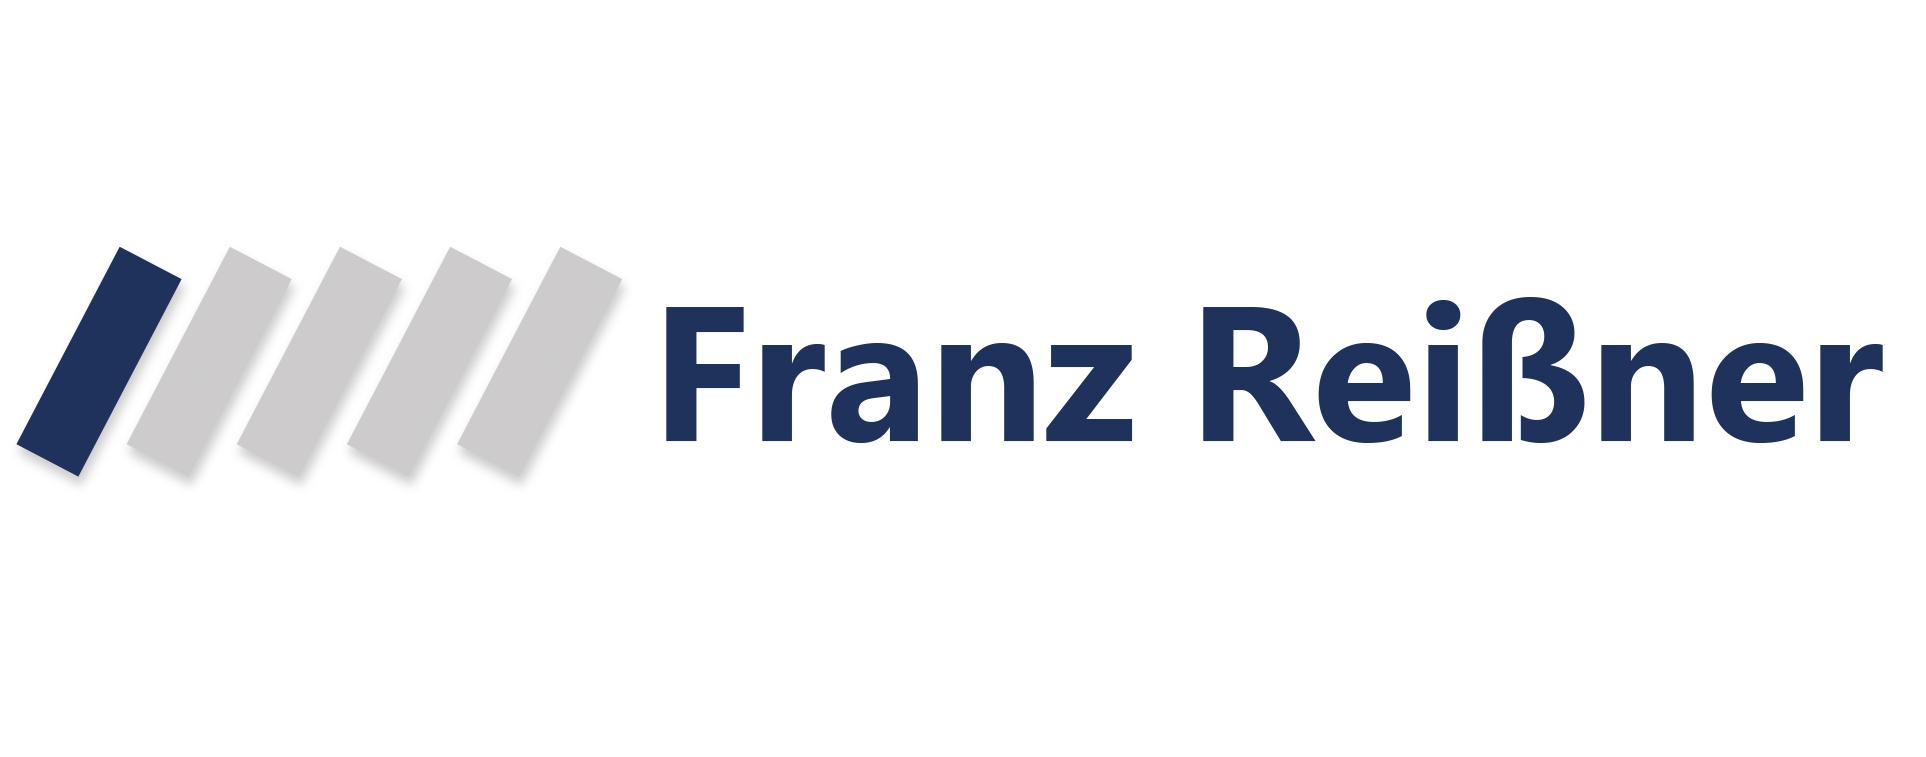 Franz Kleine Logo photo - 1